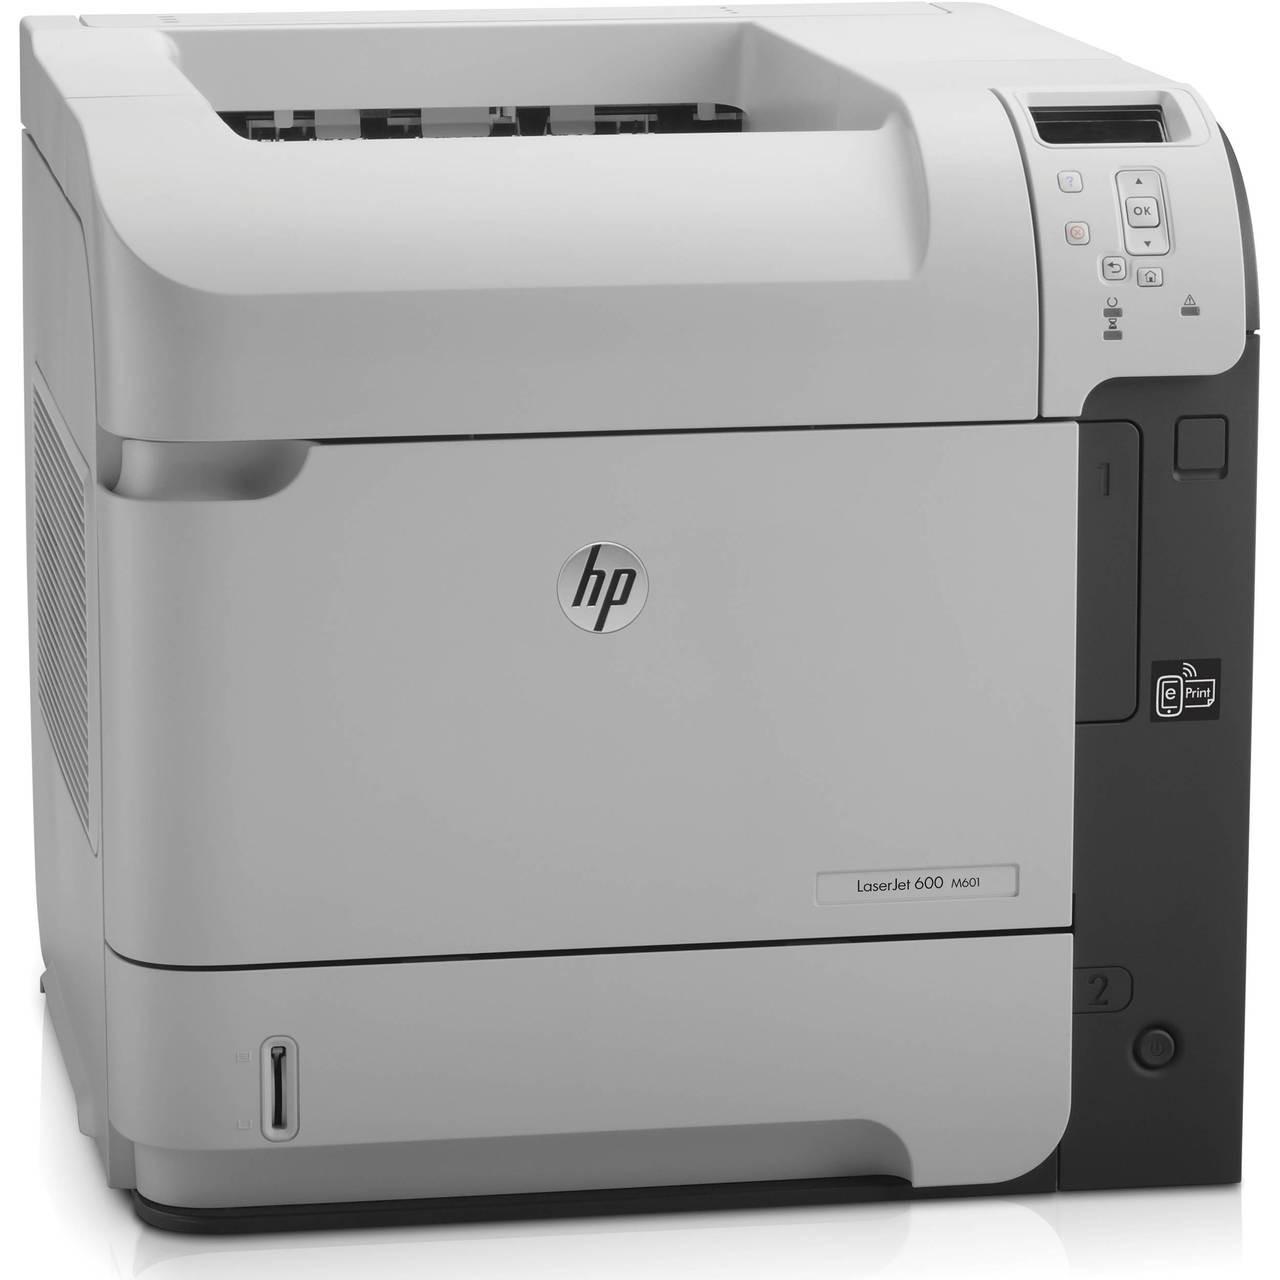 HP LaserJet 600 m601n - ce989a - HP Laser Printer for sale